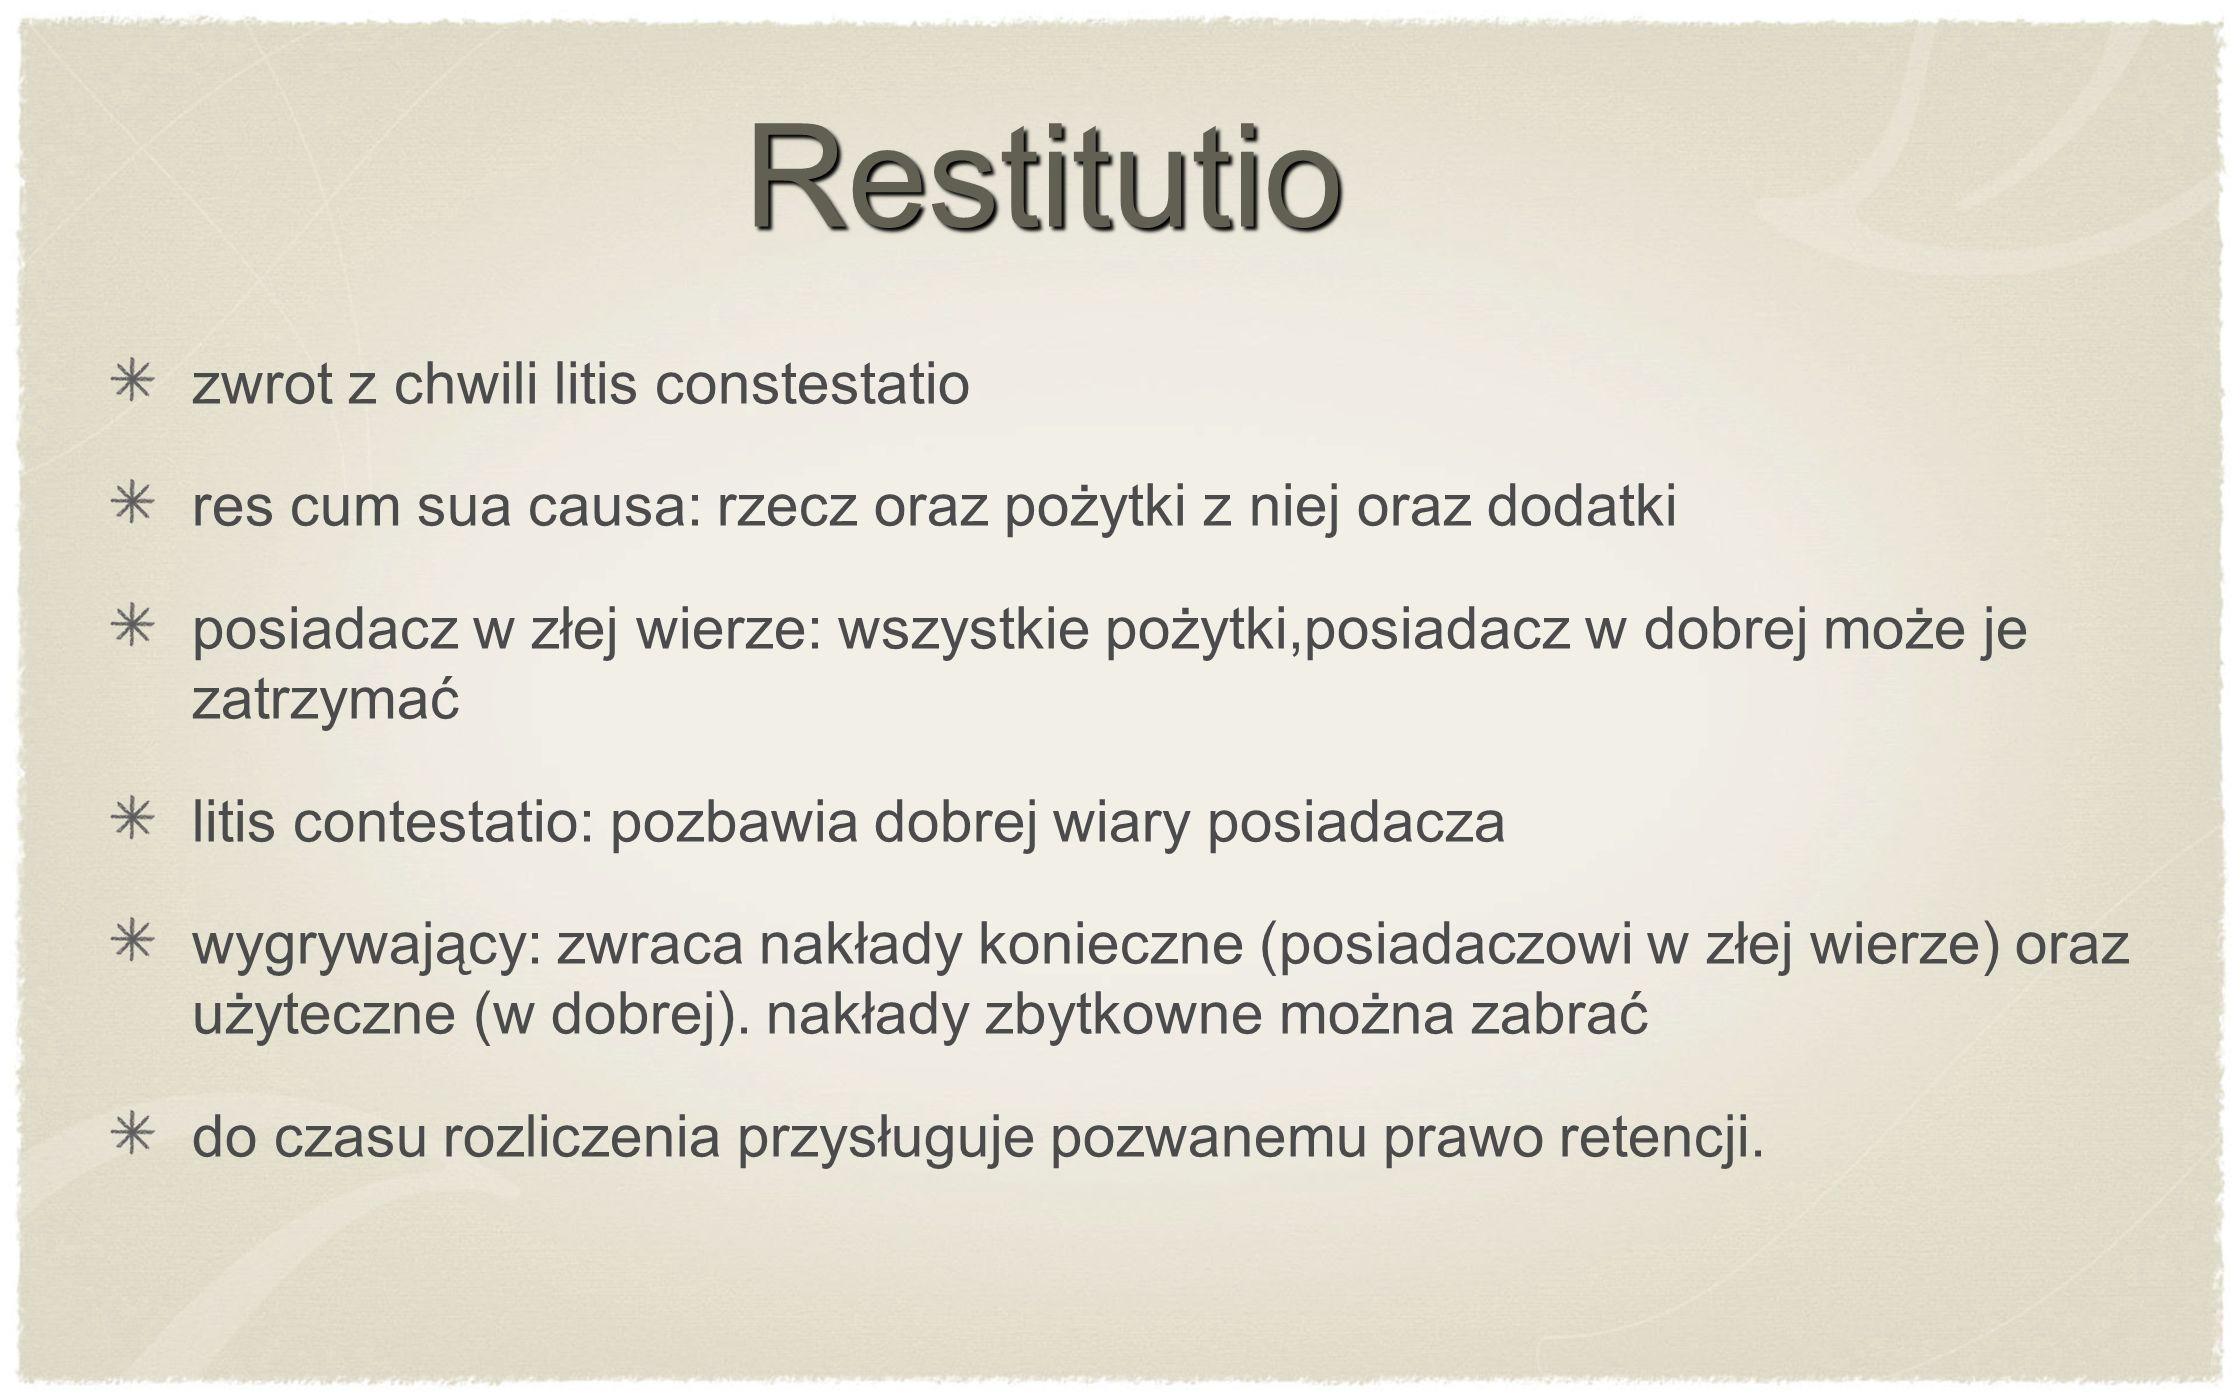 Restitutio zwrot z chwili litis constestatio res cum sua causa: rzecz oraz pożytki z niej oraz dodatki posiadacz w złej wierze: wszystkie pożytki,posi